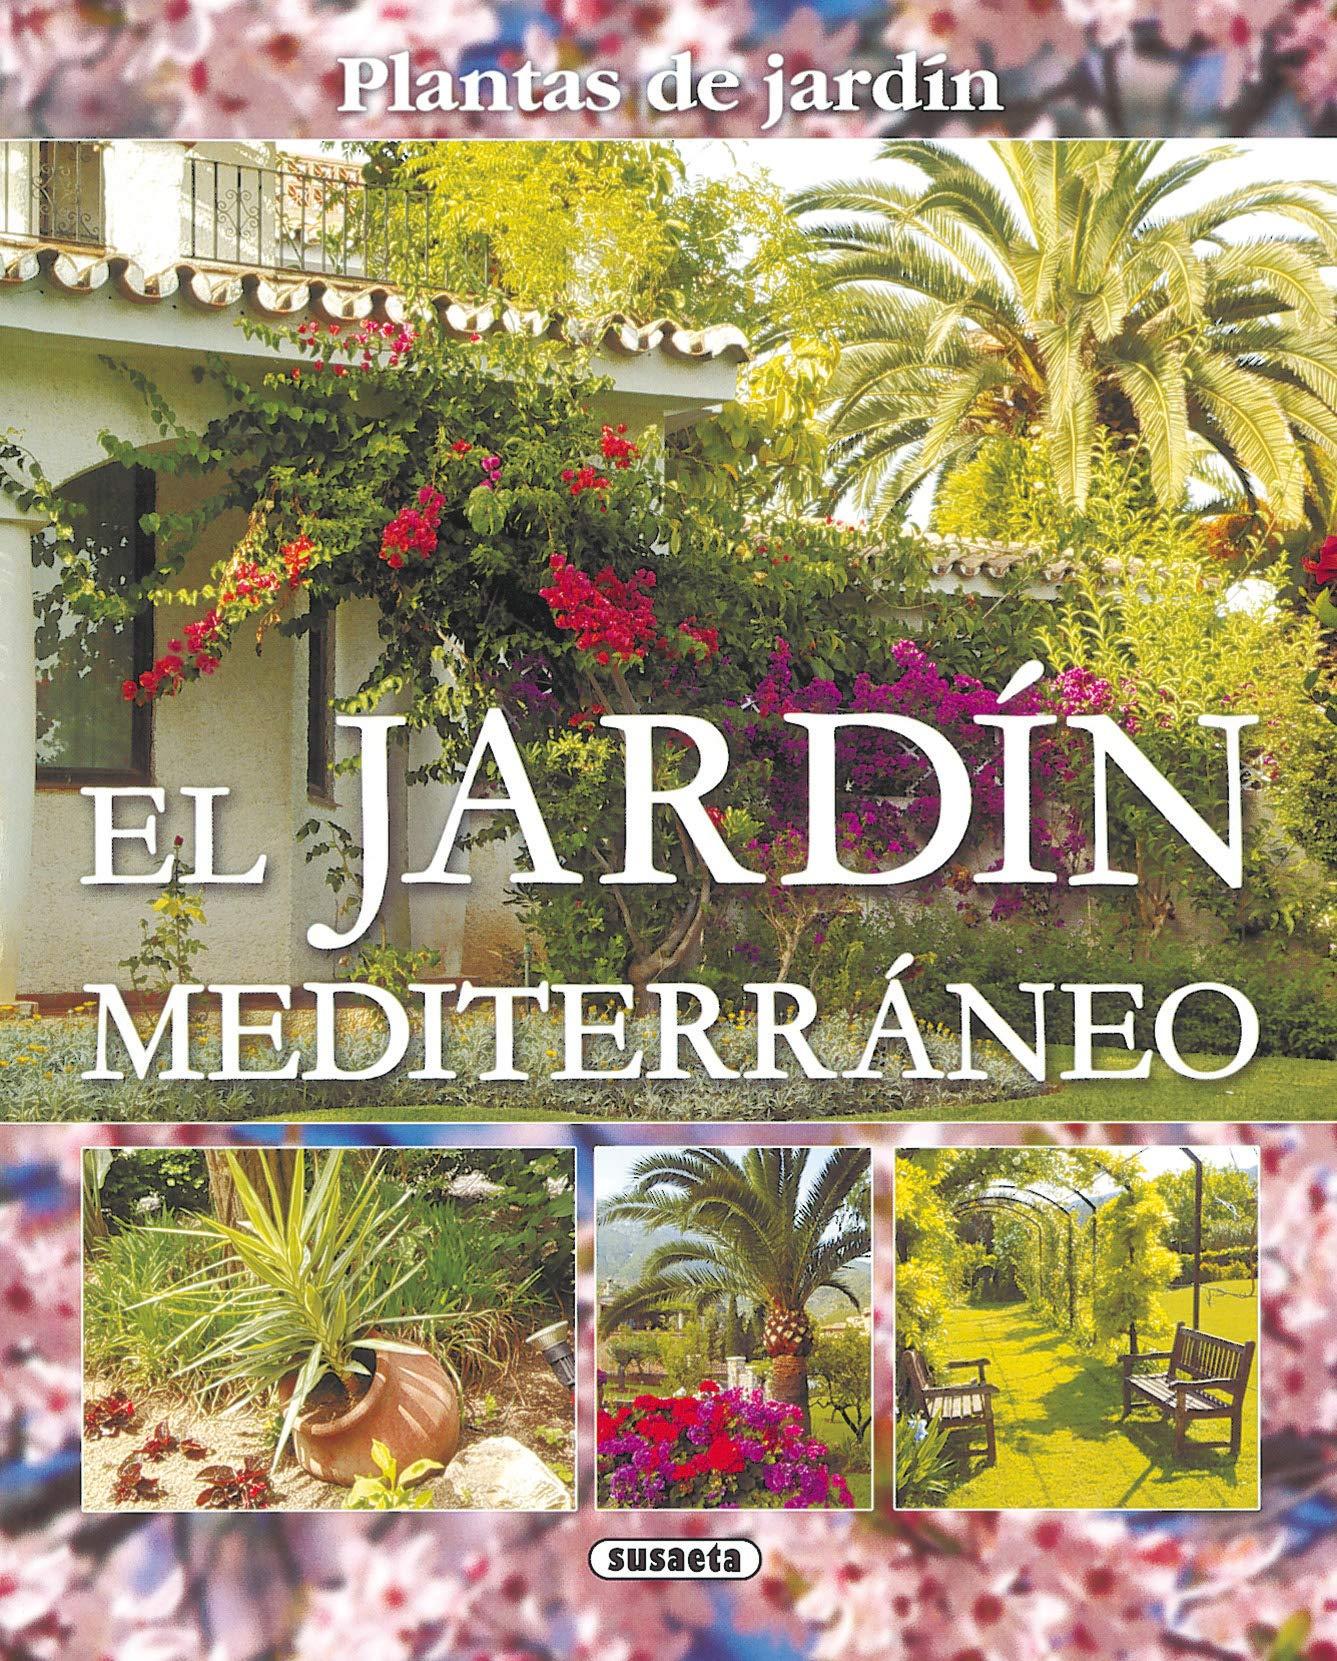 Jardin Mediterraneo Plantas De Jardin Plantas De Jardín: Amazon.es: Susaeta, Equipo, Susaeta, Equipo: Libros